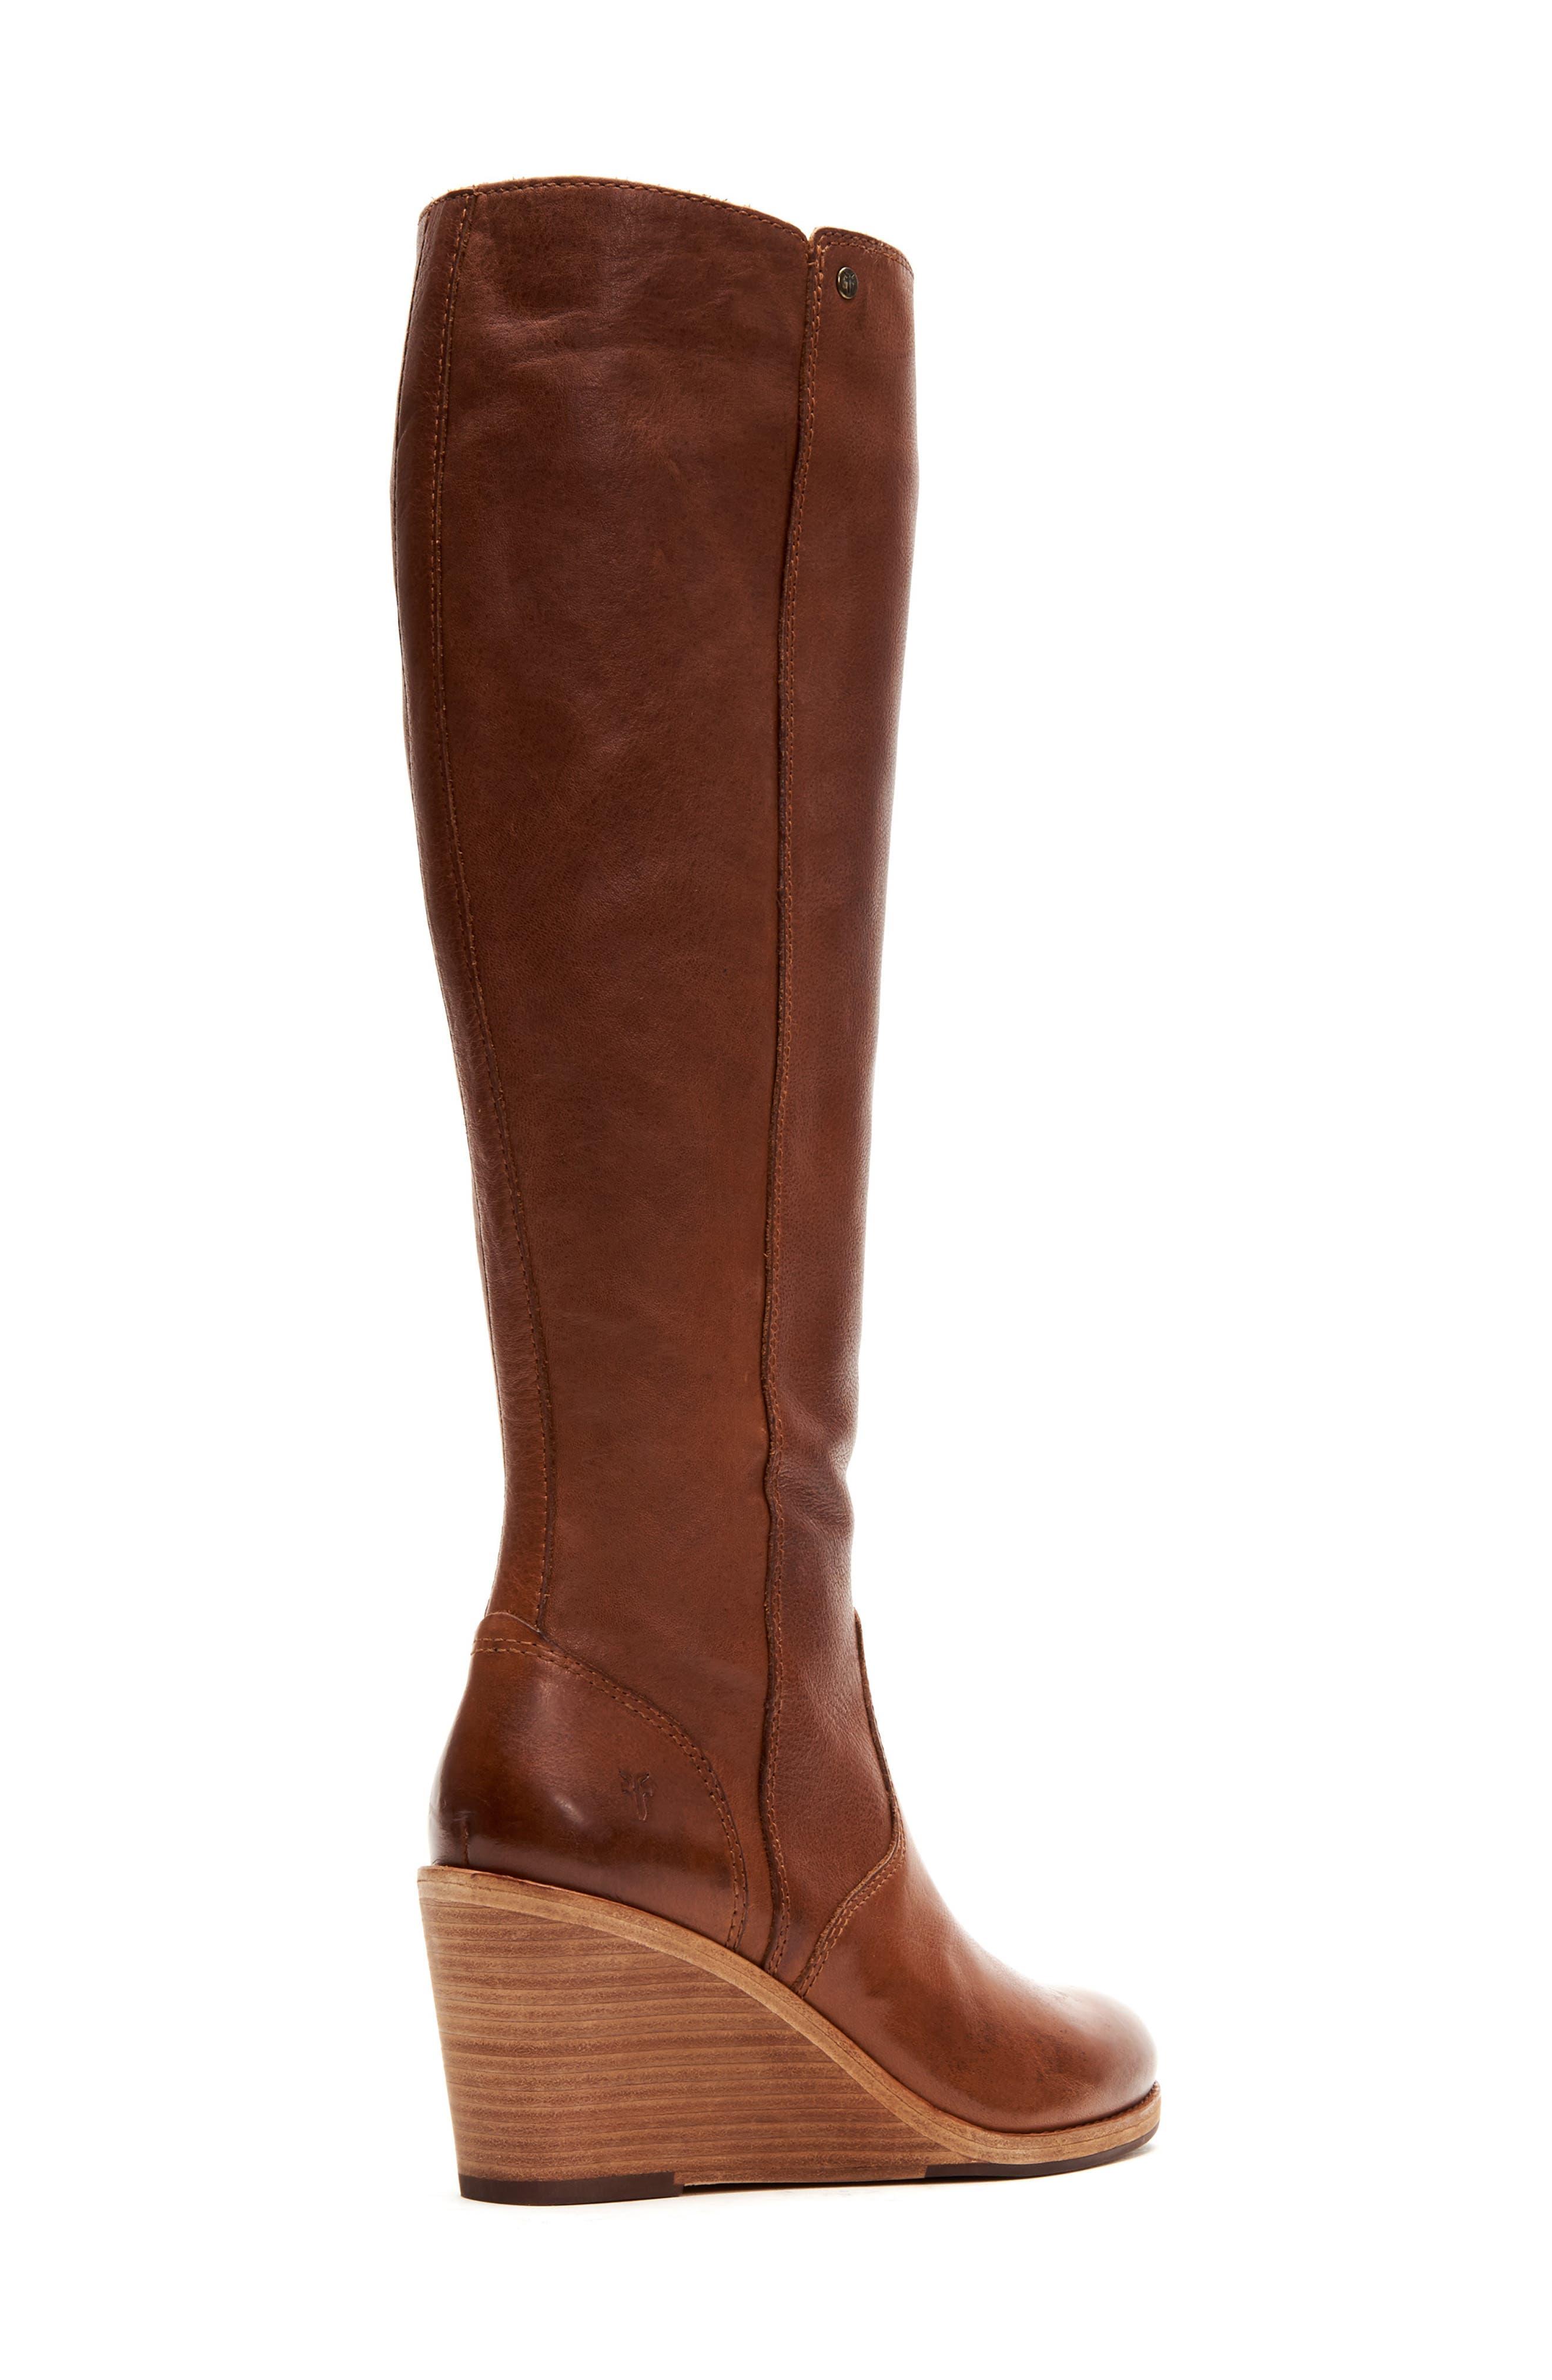 Frye | Emma Knee High Wedge Boot